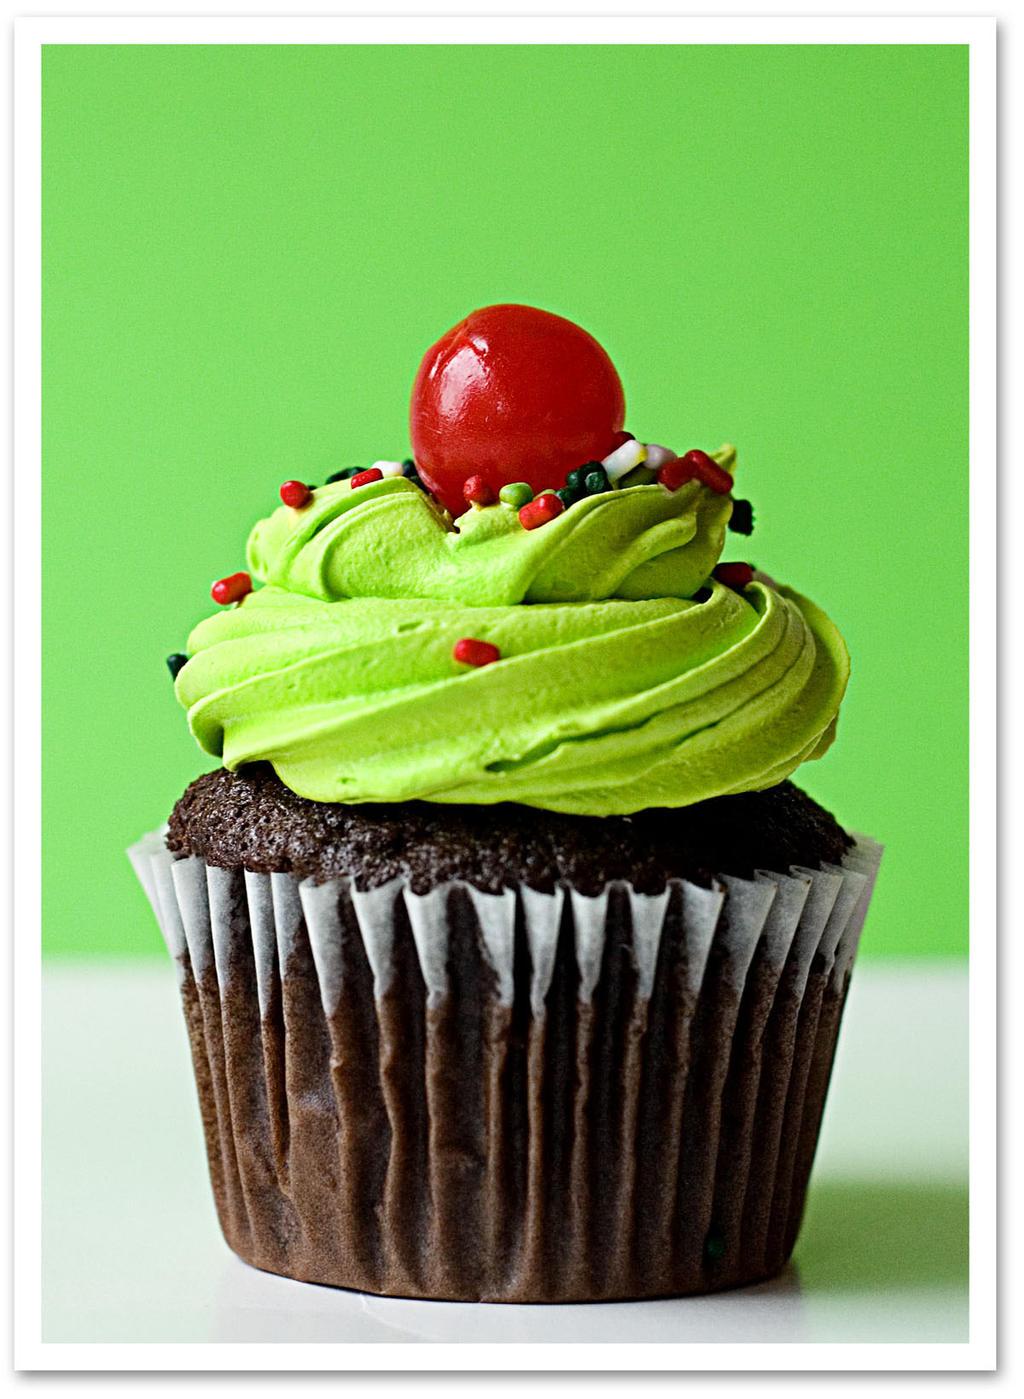 CupcakeGreen by Ddallas